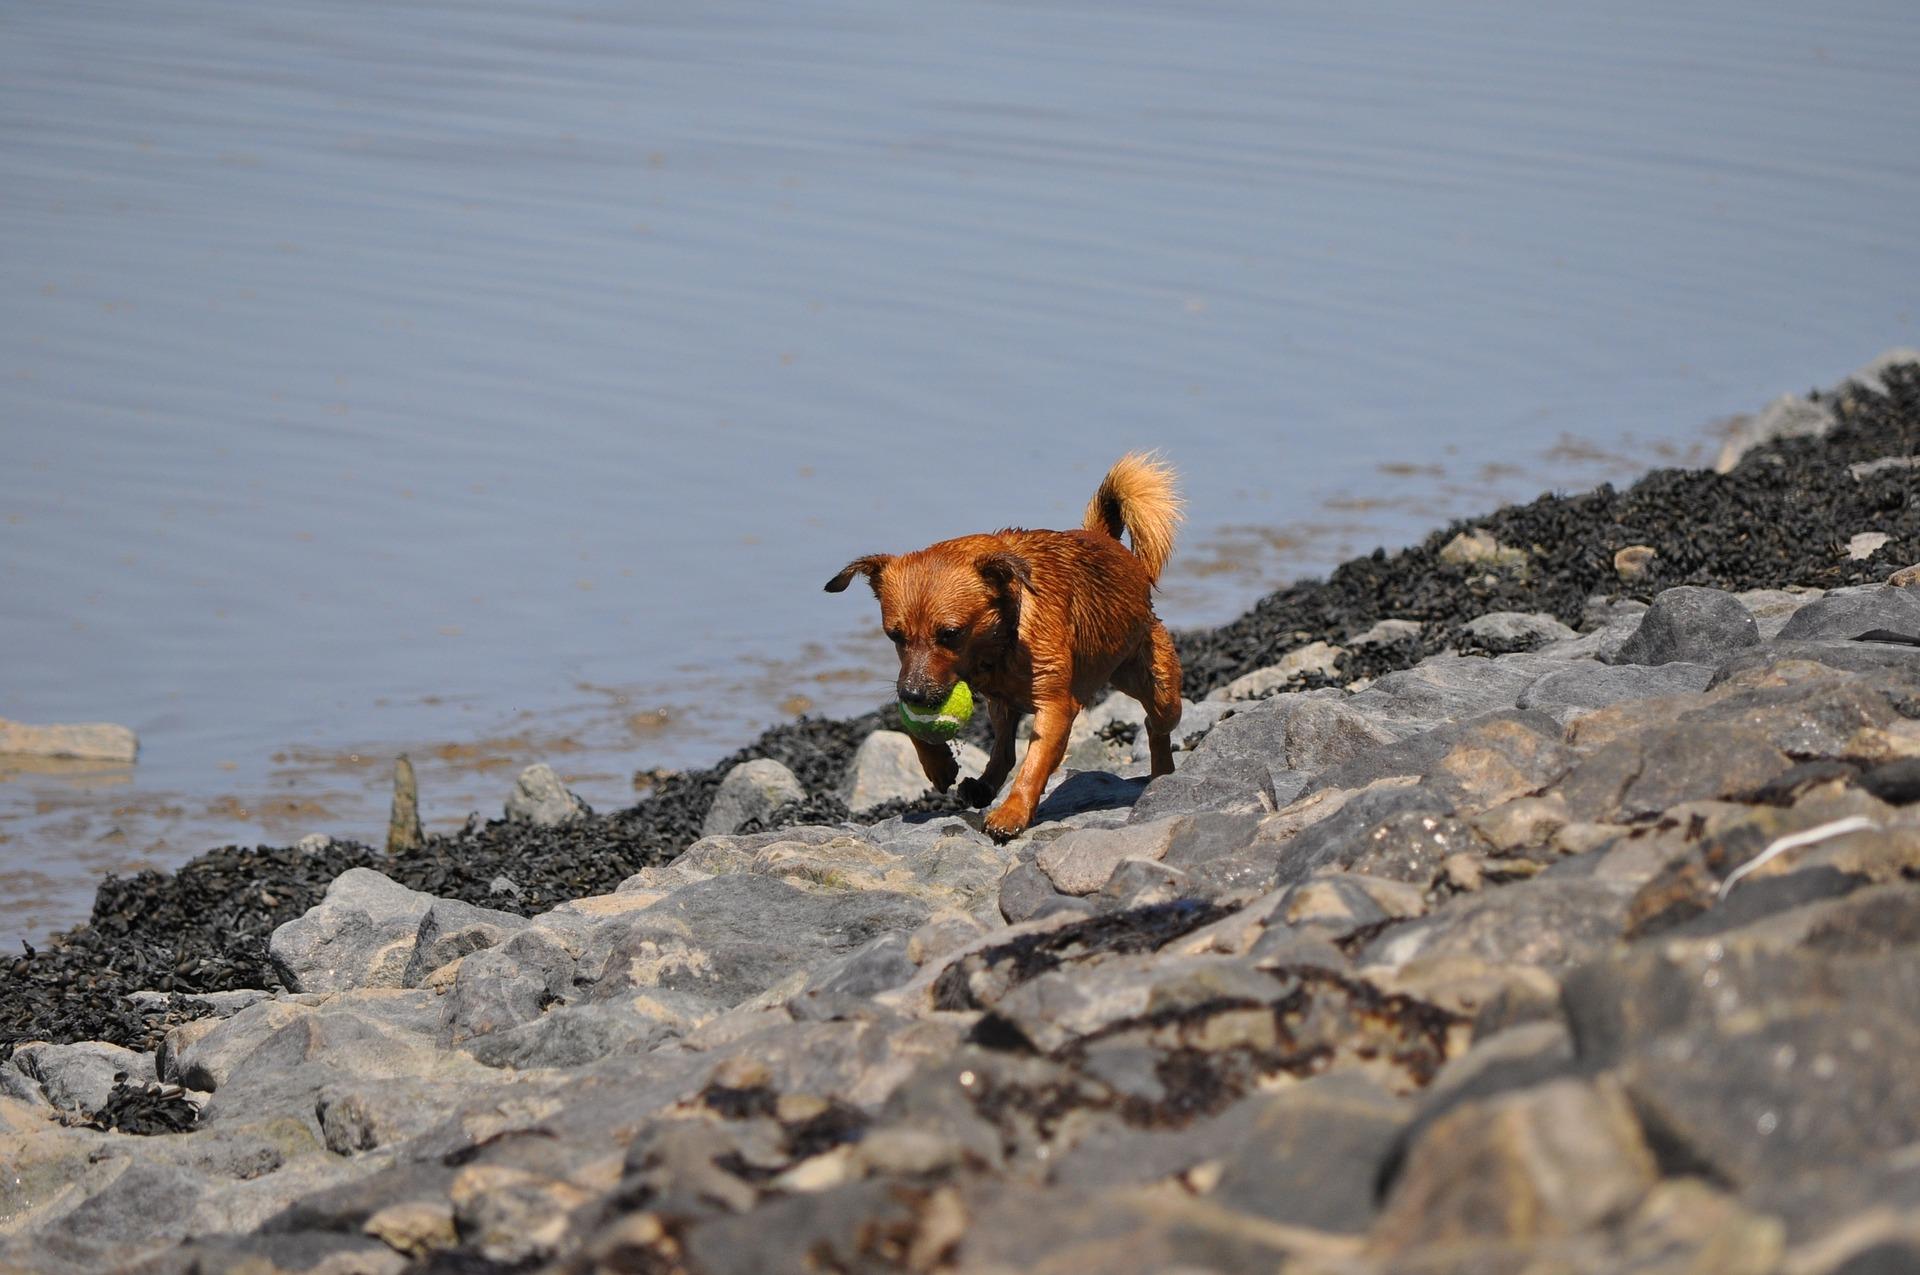 Koiran kouluttaminen ja tärkeät käskyt - koira2014.net